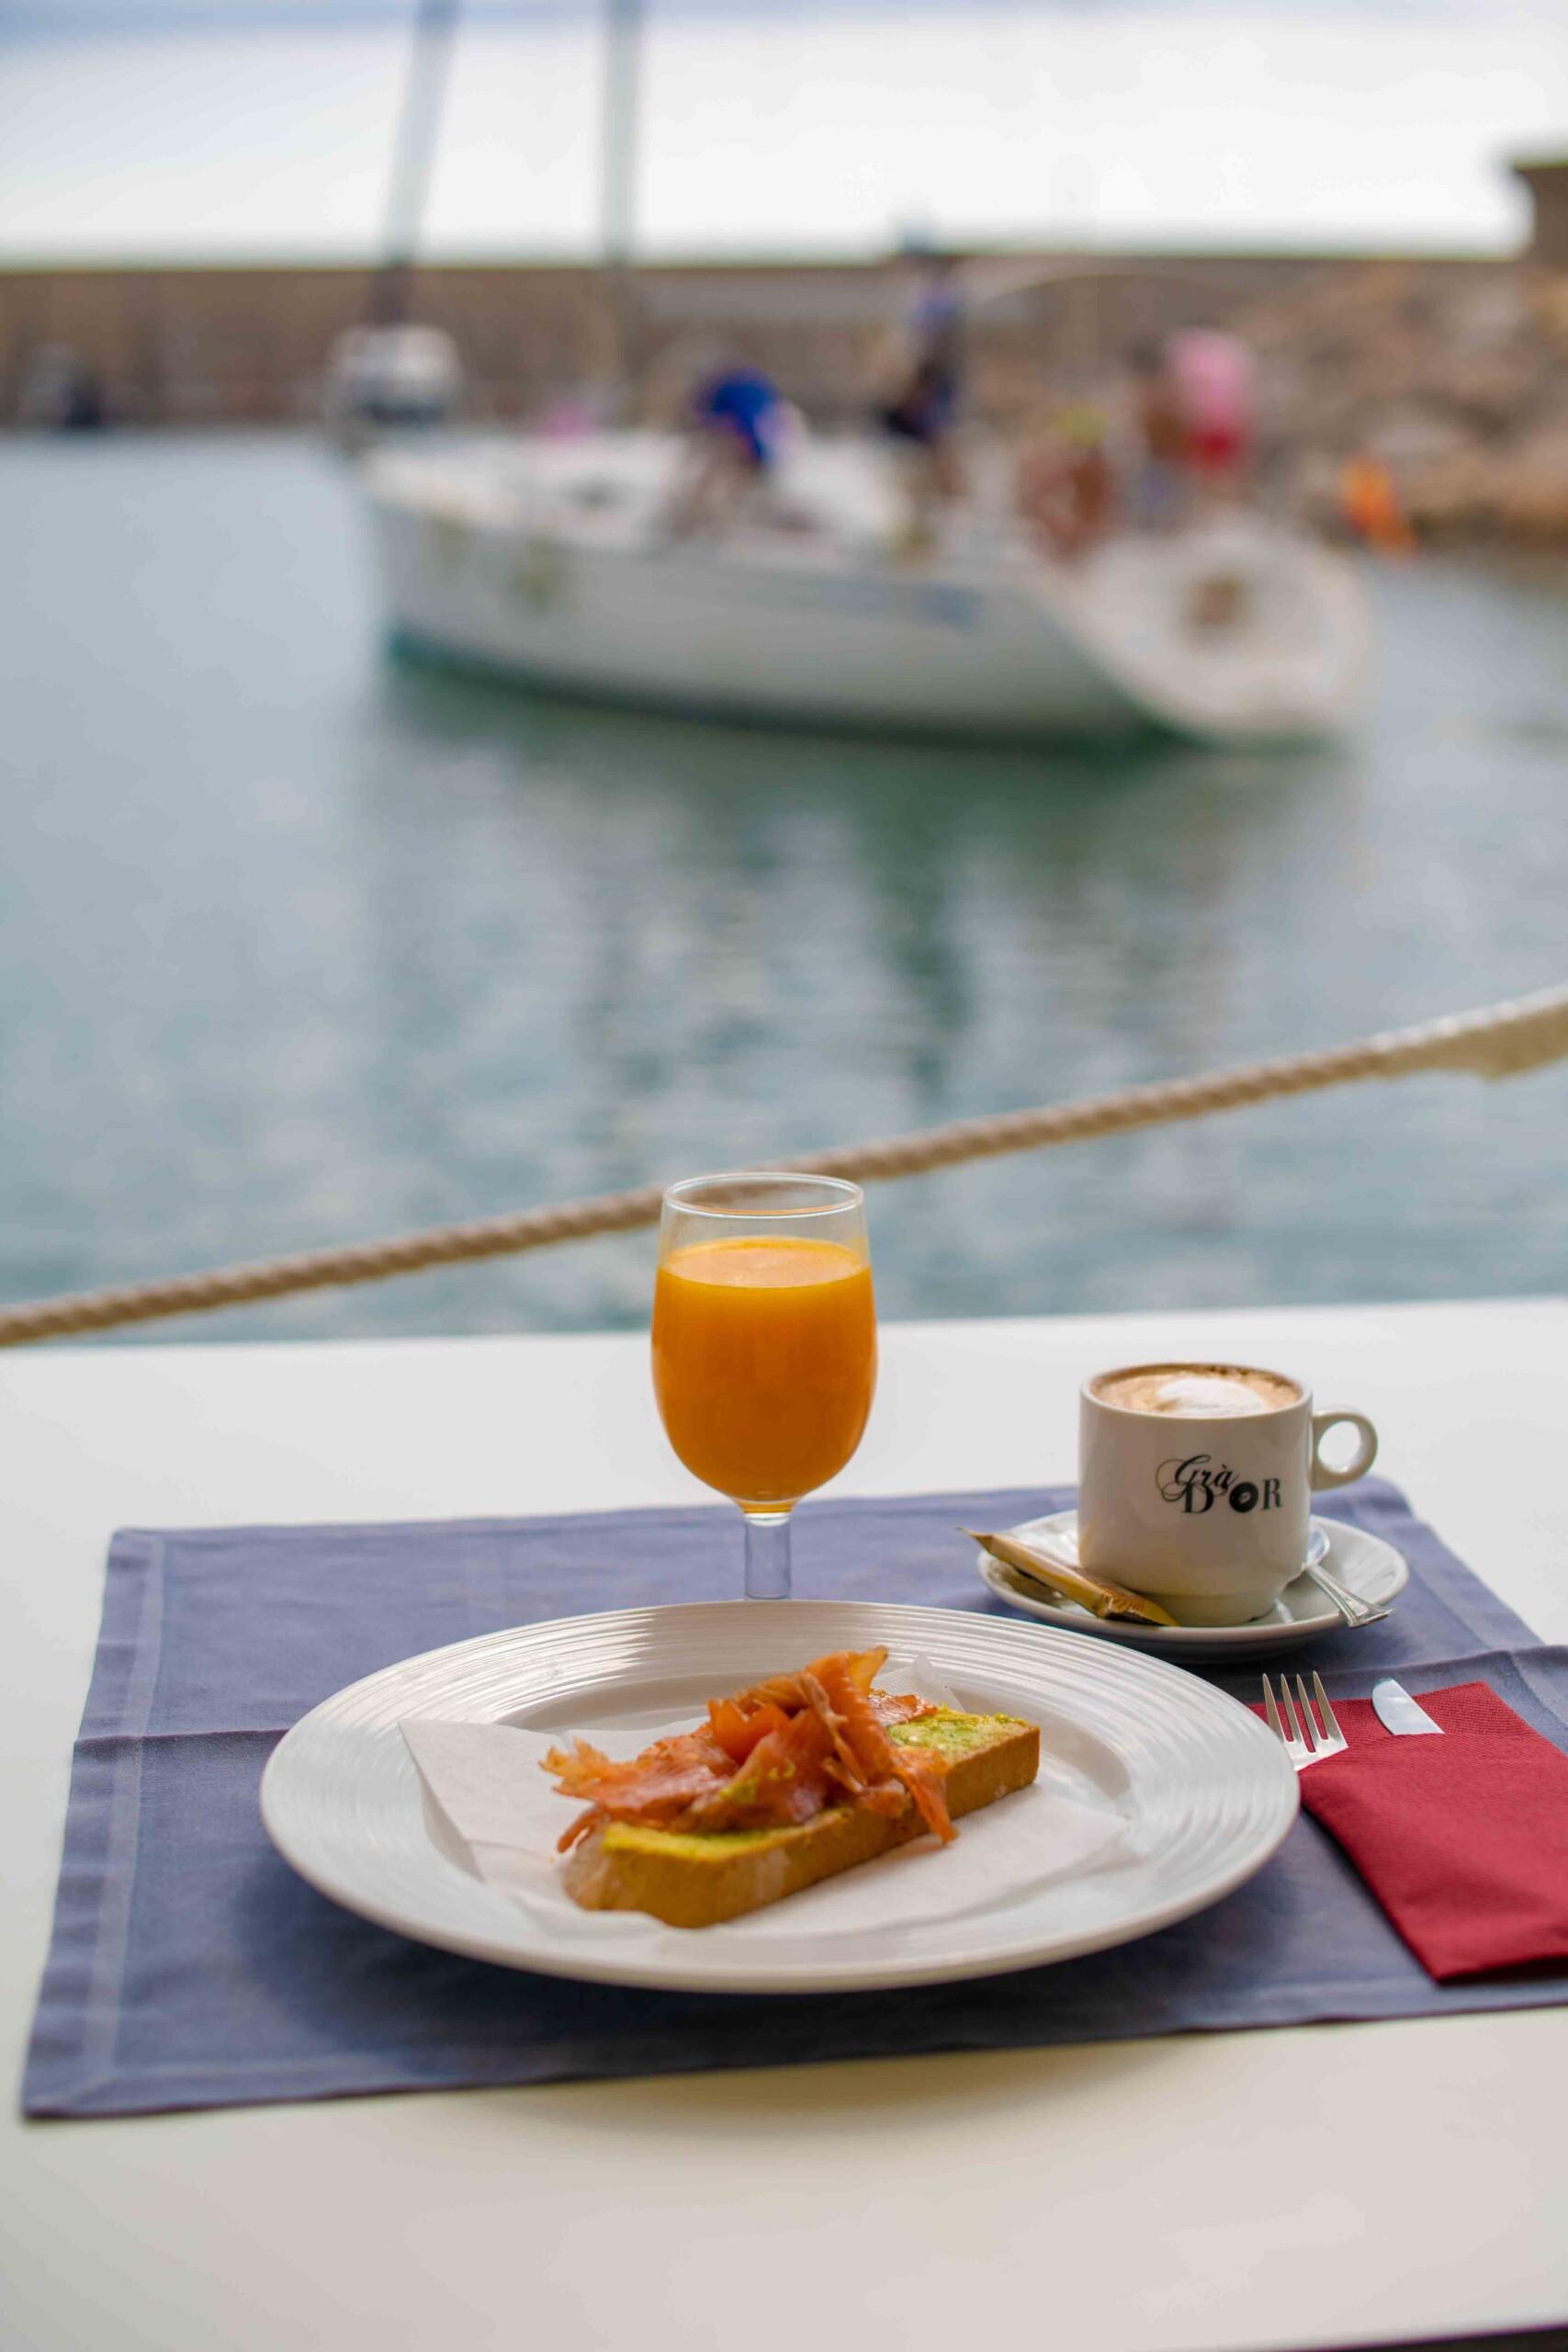 desayuni scaled - Desayuno Healthy